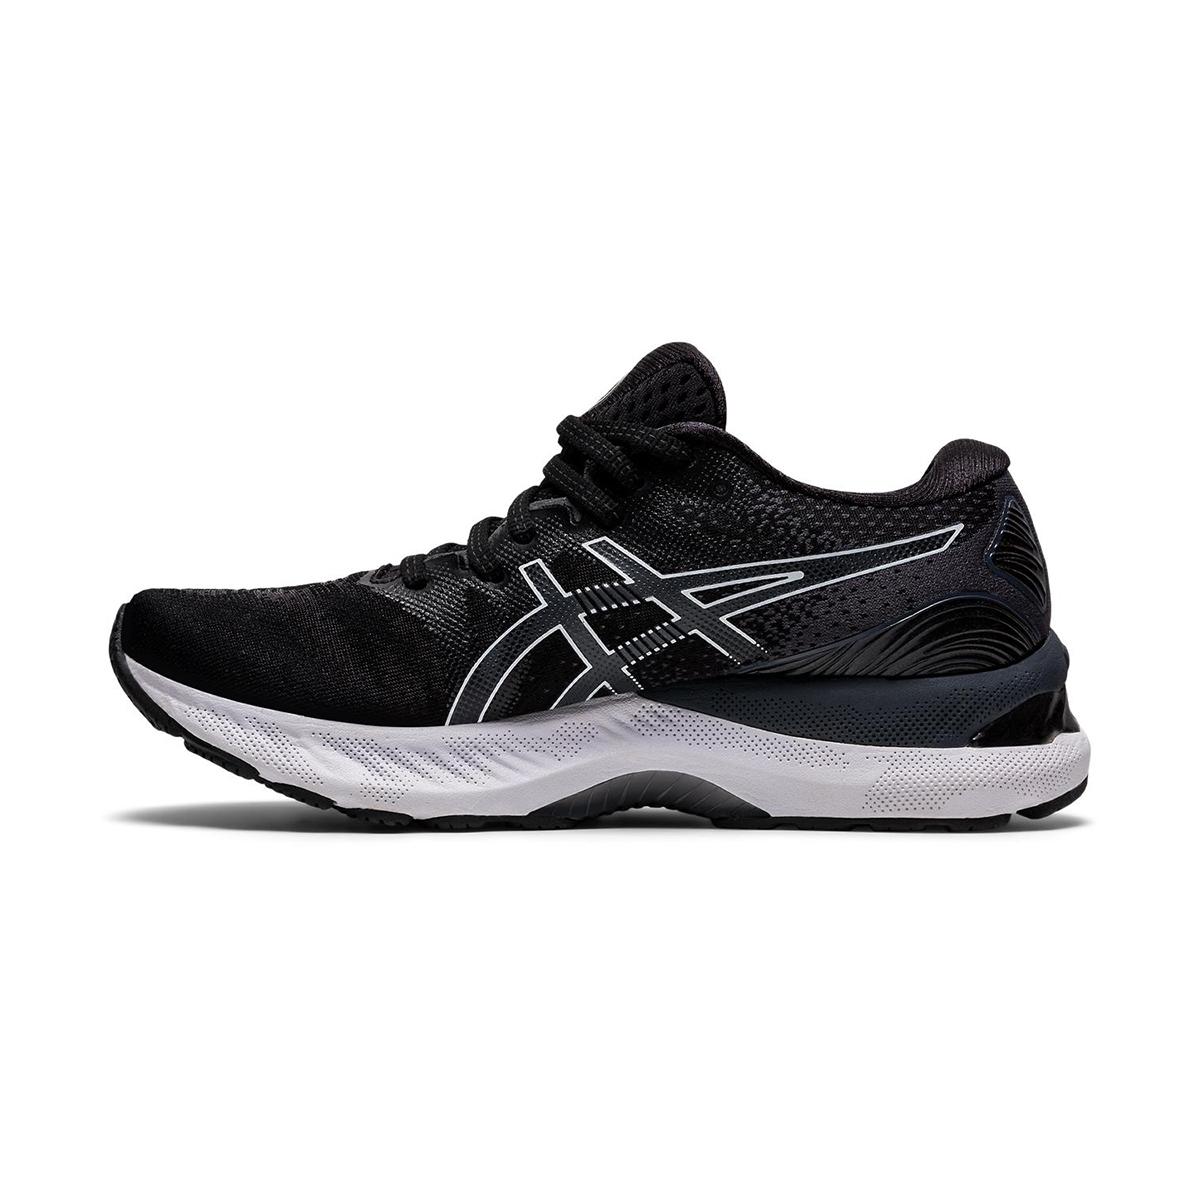 Women's Asics GEL-Nimbus 23 Running Shoe, , large, image 2